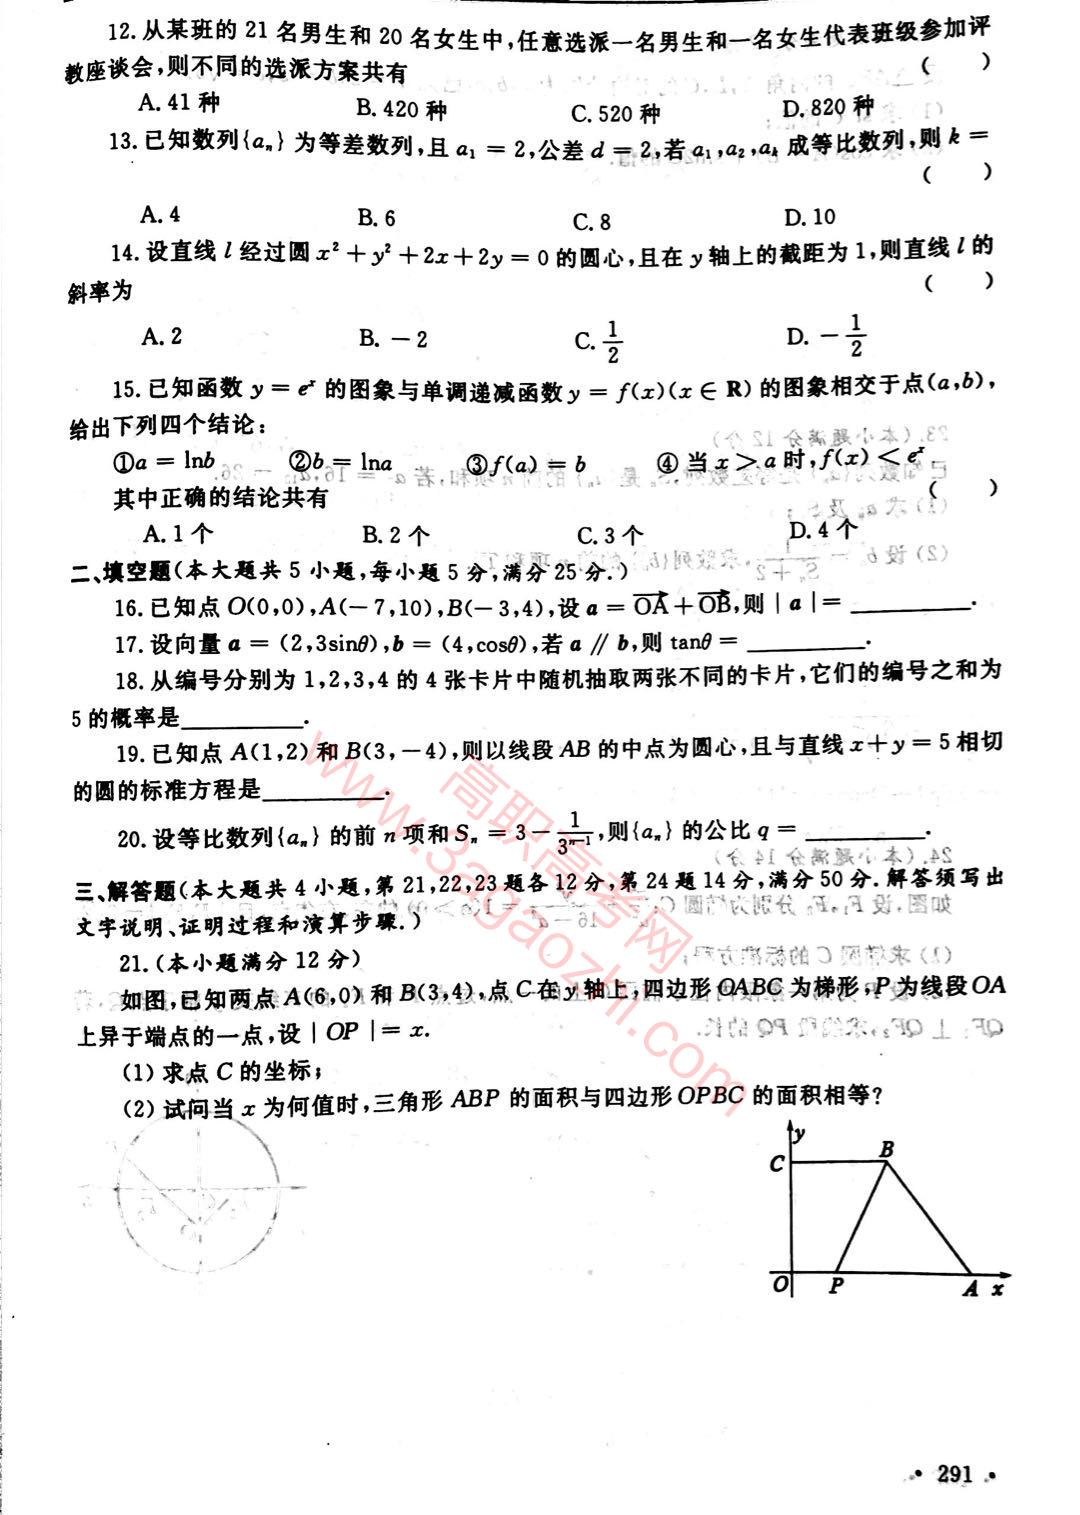 2017年广东省高等职业院校招收中等职业学校毕业生考试《数学》考试真题(扫描版)